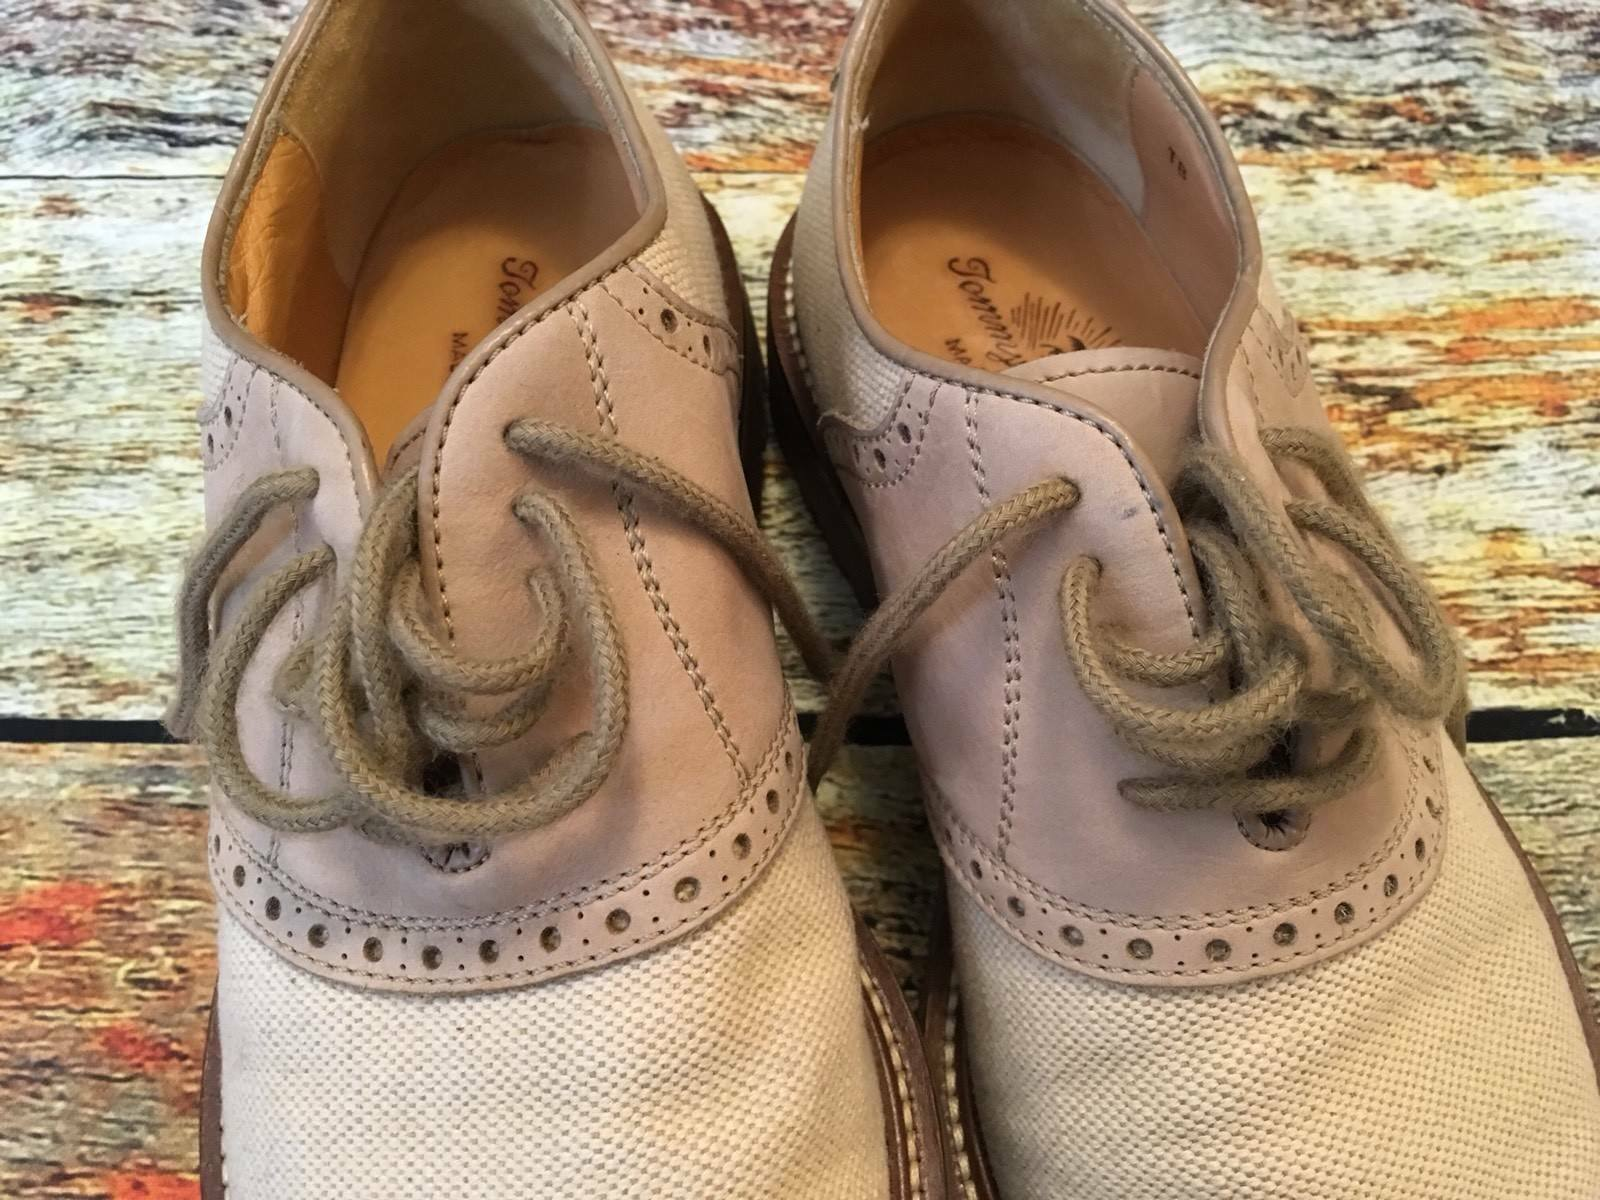 Tommy Bahama 038 con cordones en zapatos informales Oxford hechas en cordones Italia de hombre M 598342